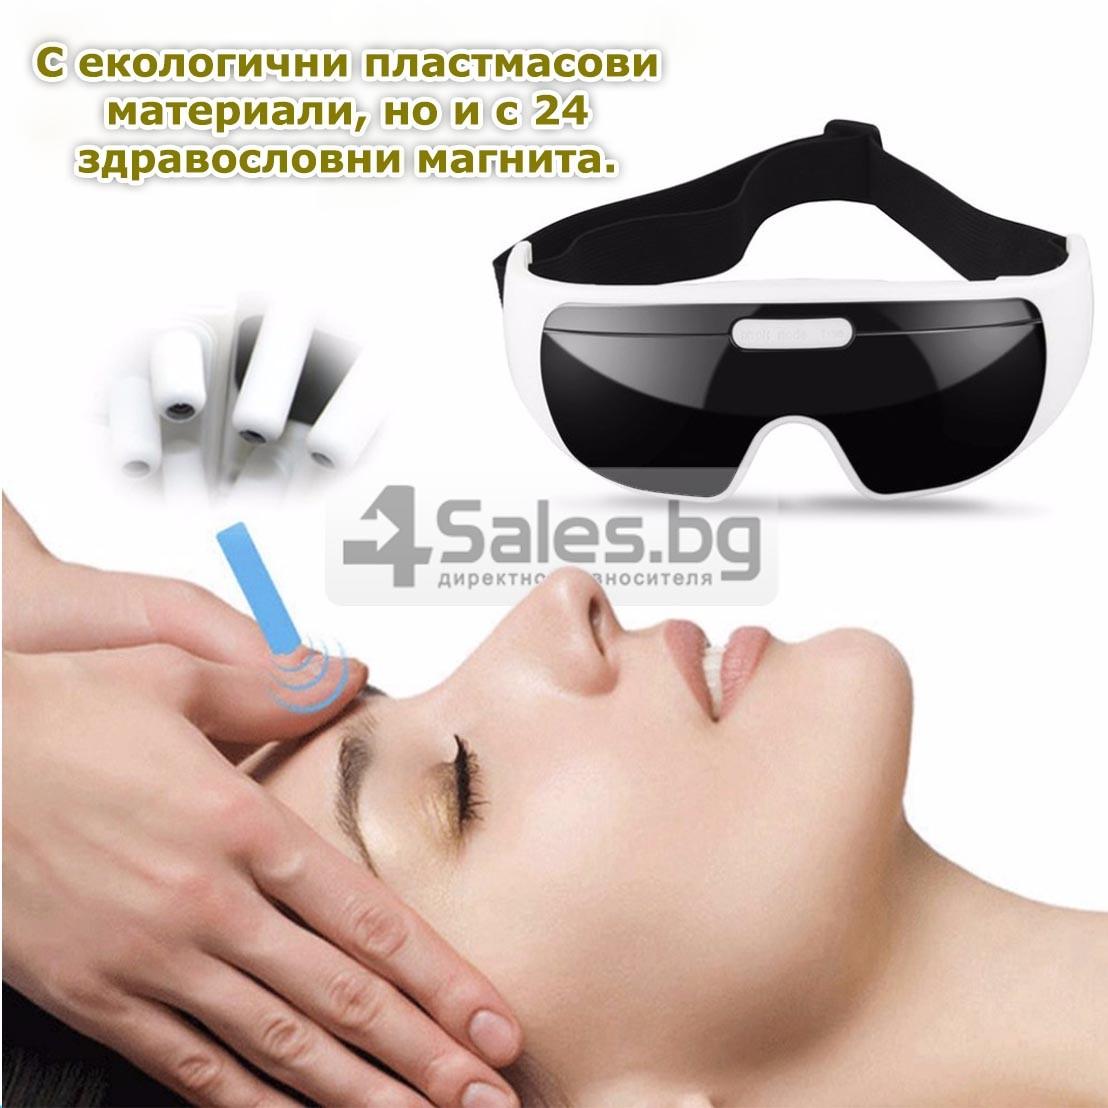 Акупунктурен масажор за очи с вибрации и регулираща се лента TV75 11